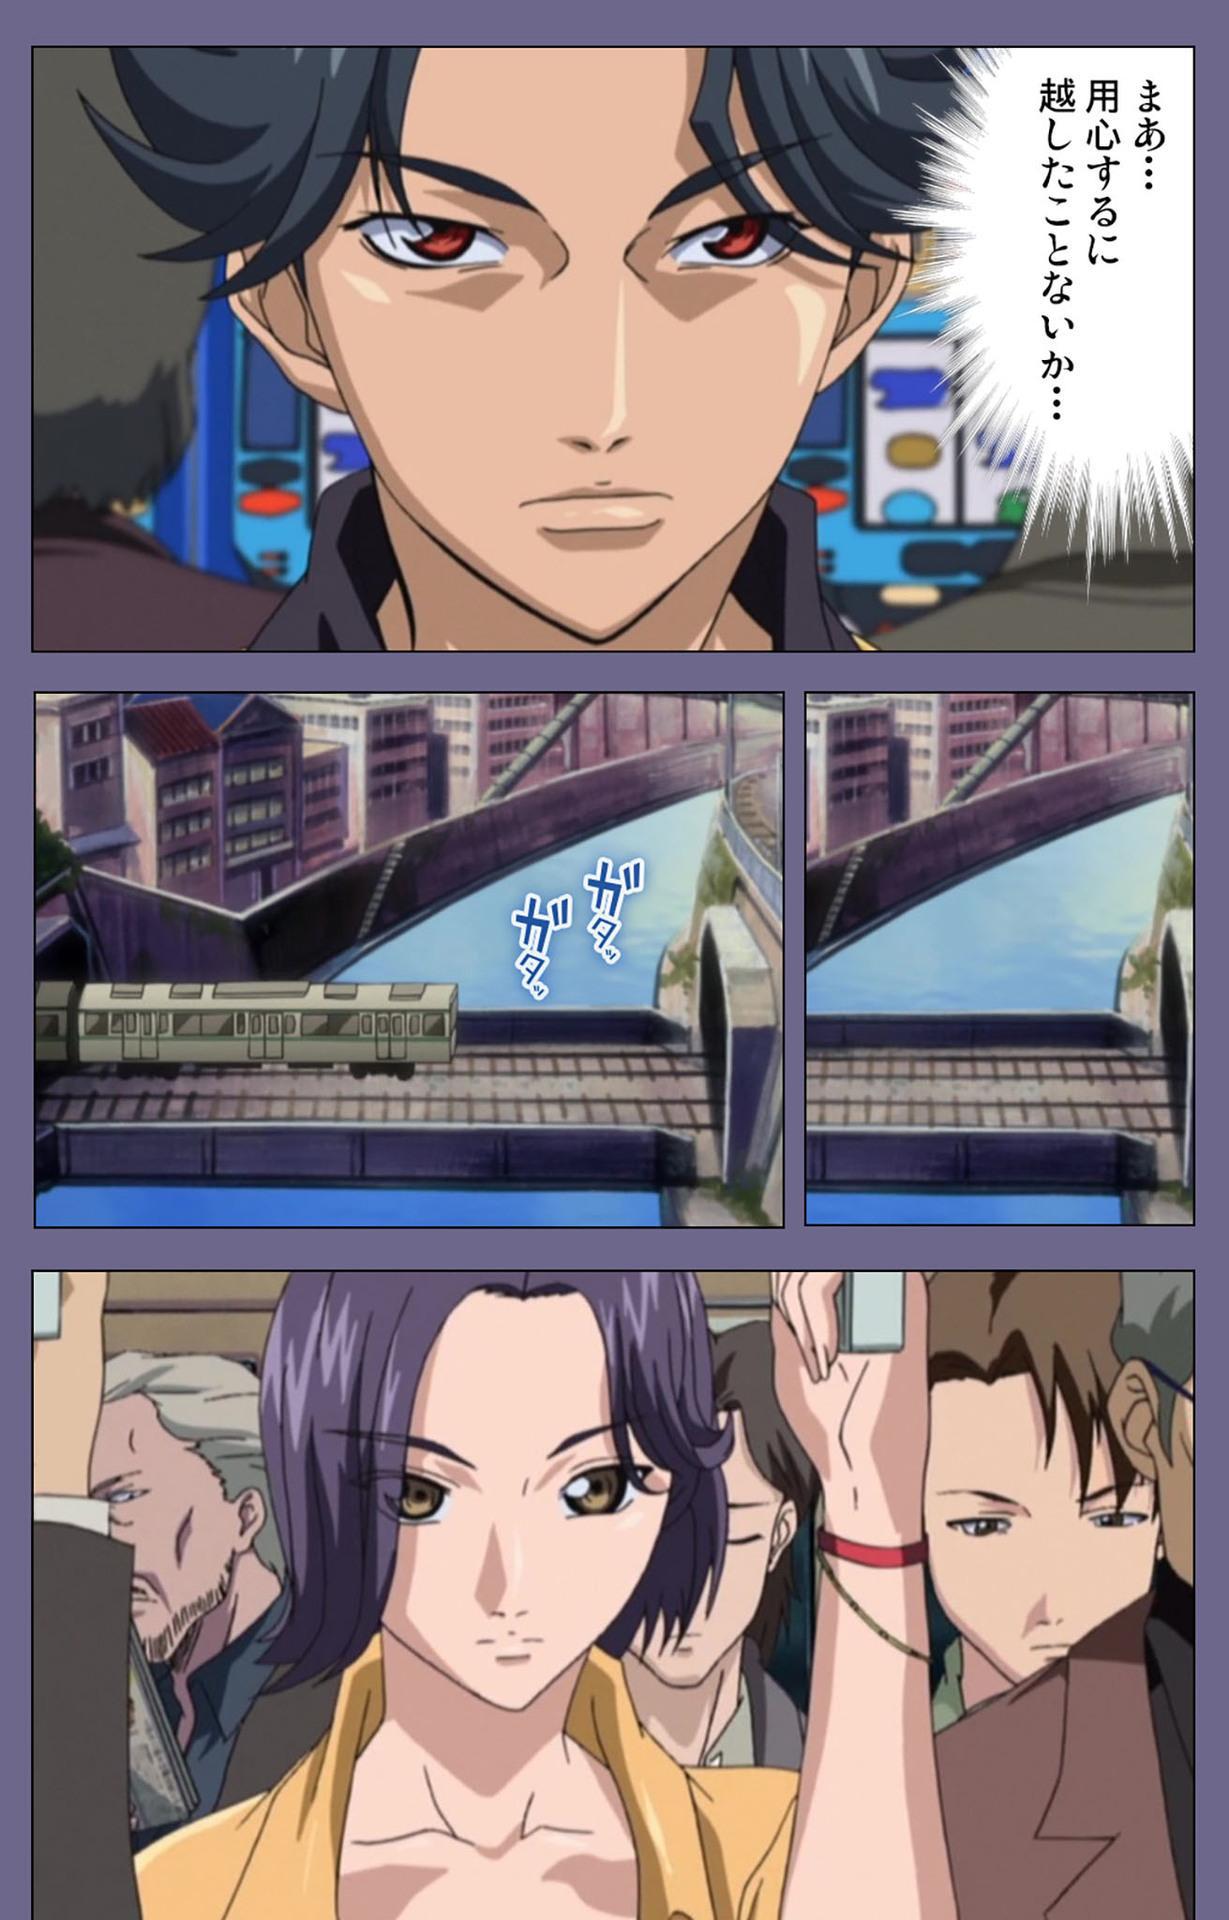 Itazura kanzenhan 68